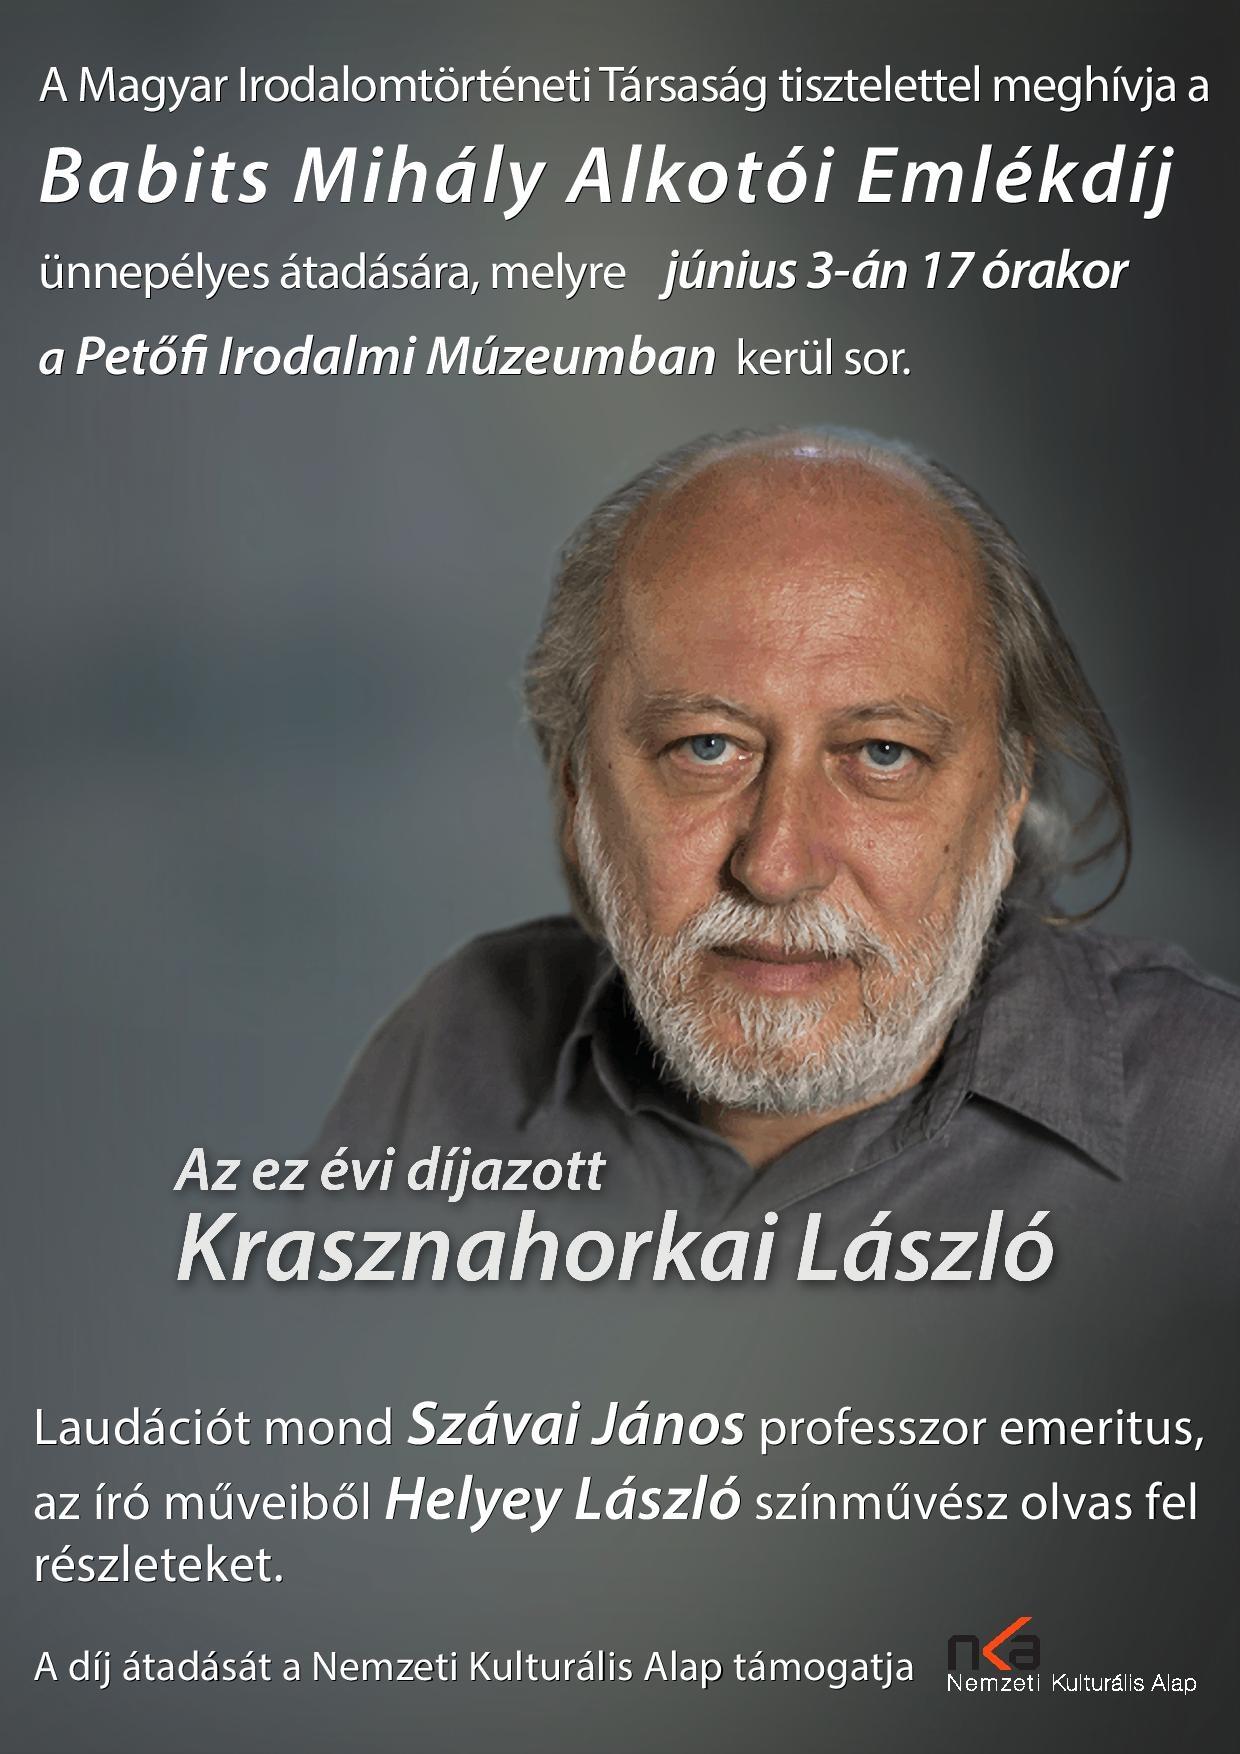 Babits Mihály Alkotói Emlékdíj átadása Krasznahorkai Lászlónak